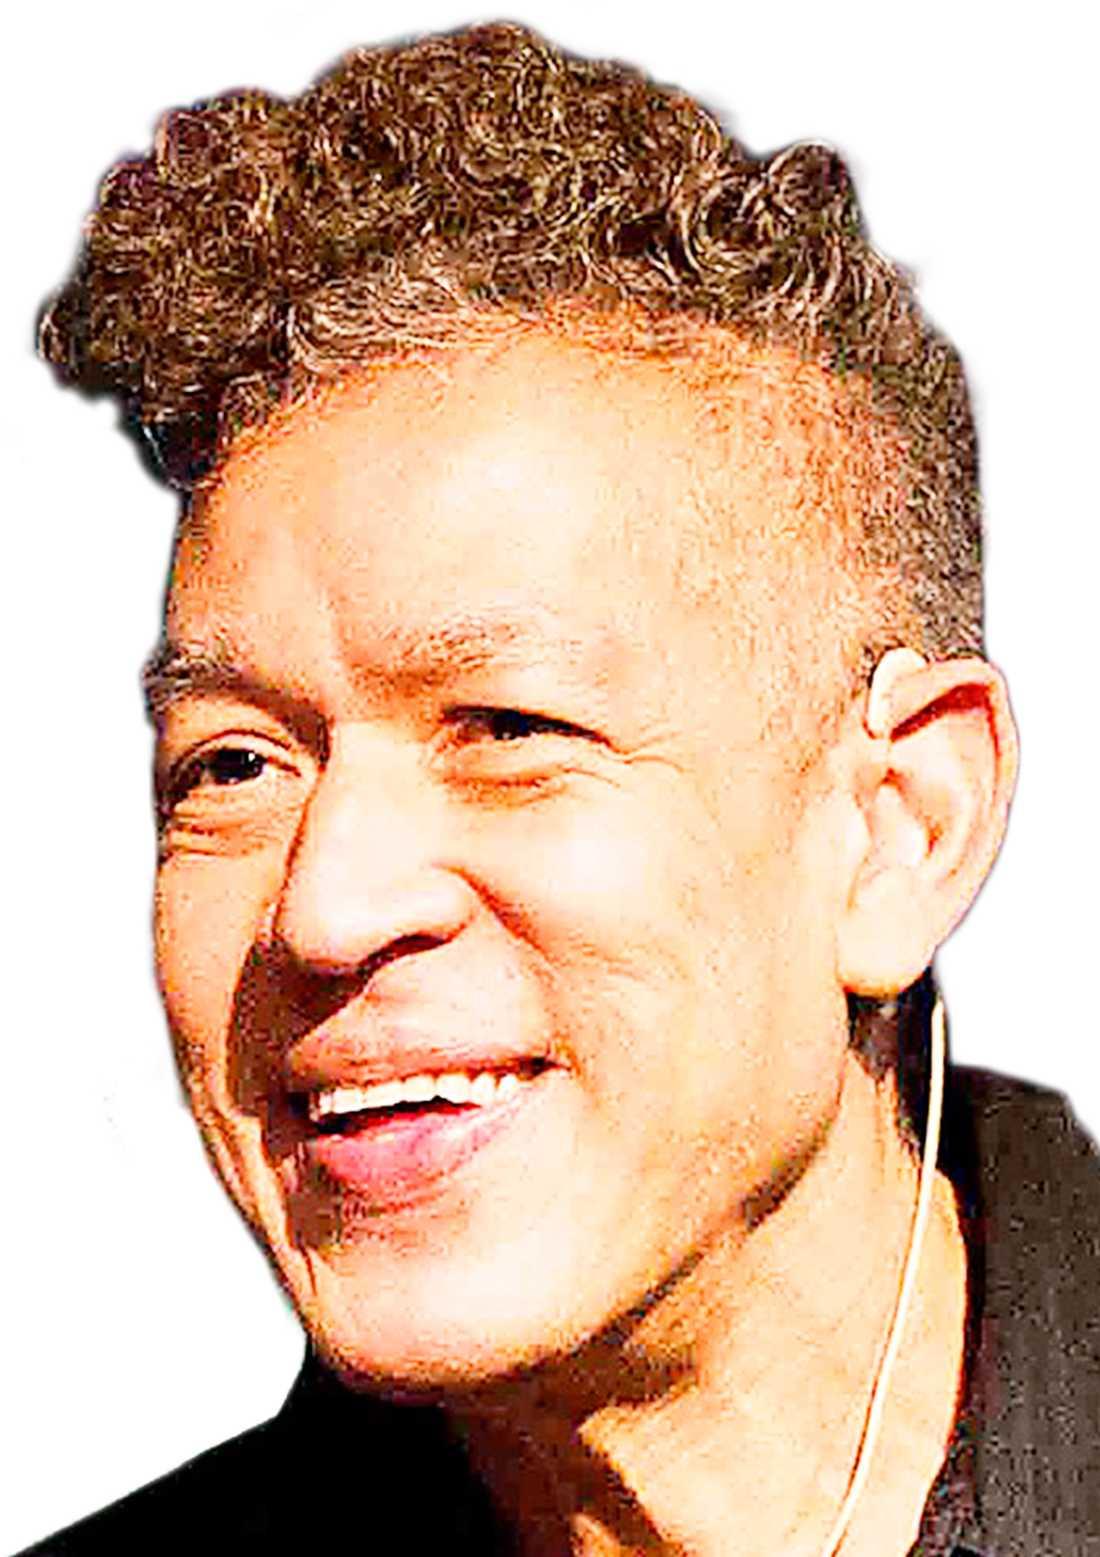 Andres Serrano (född 1950).